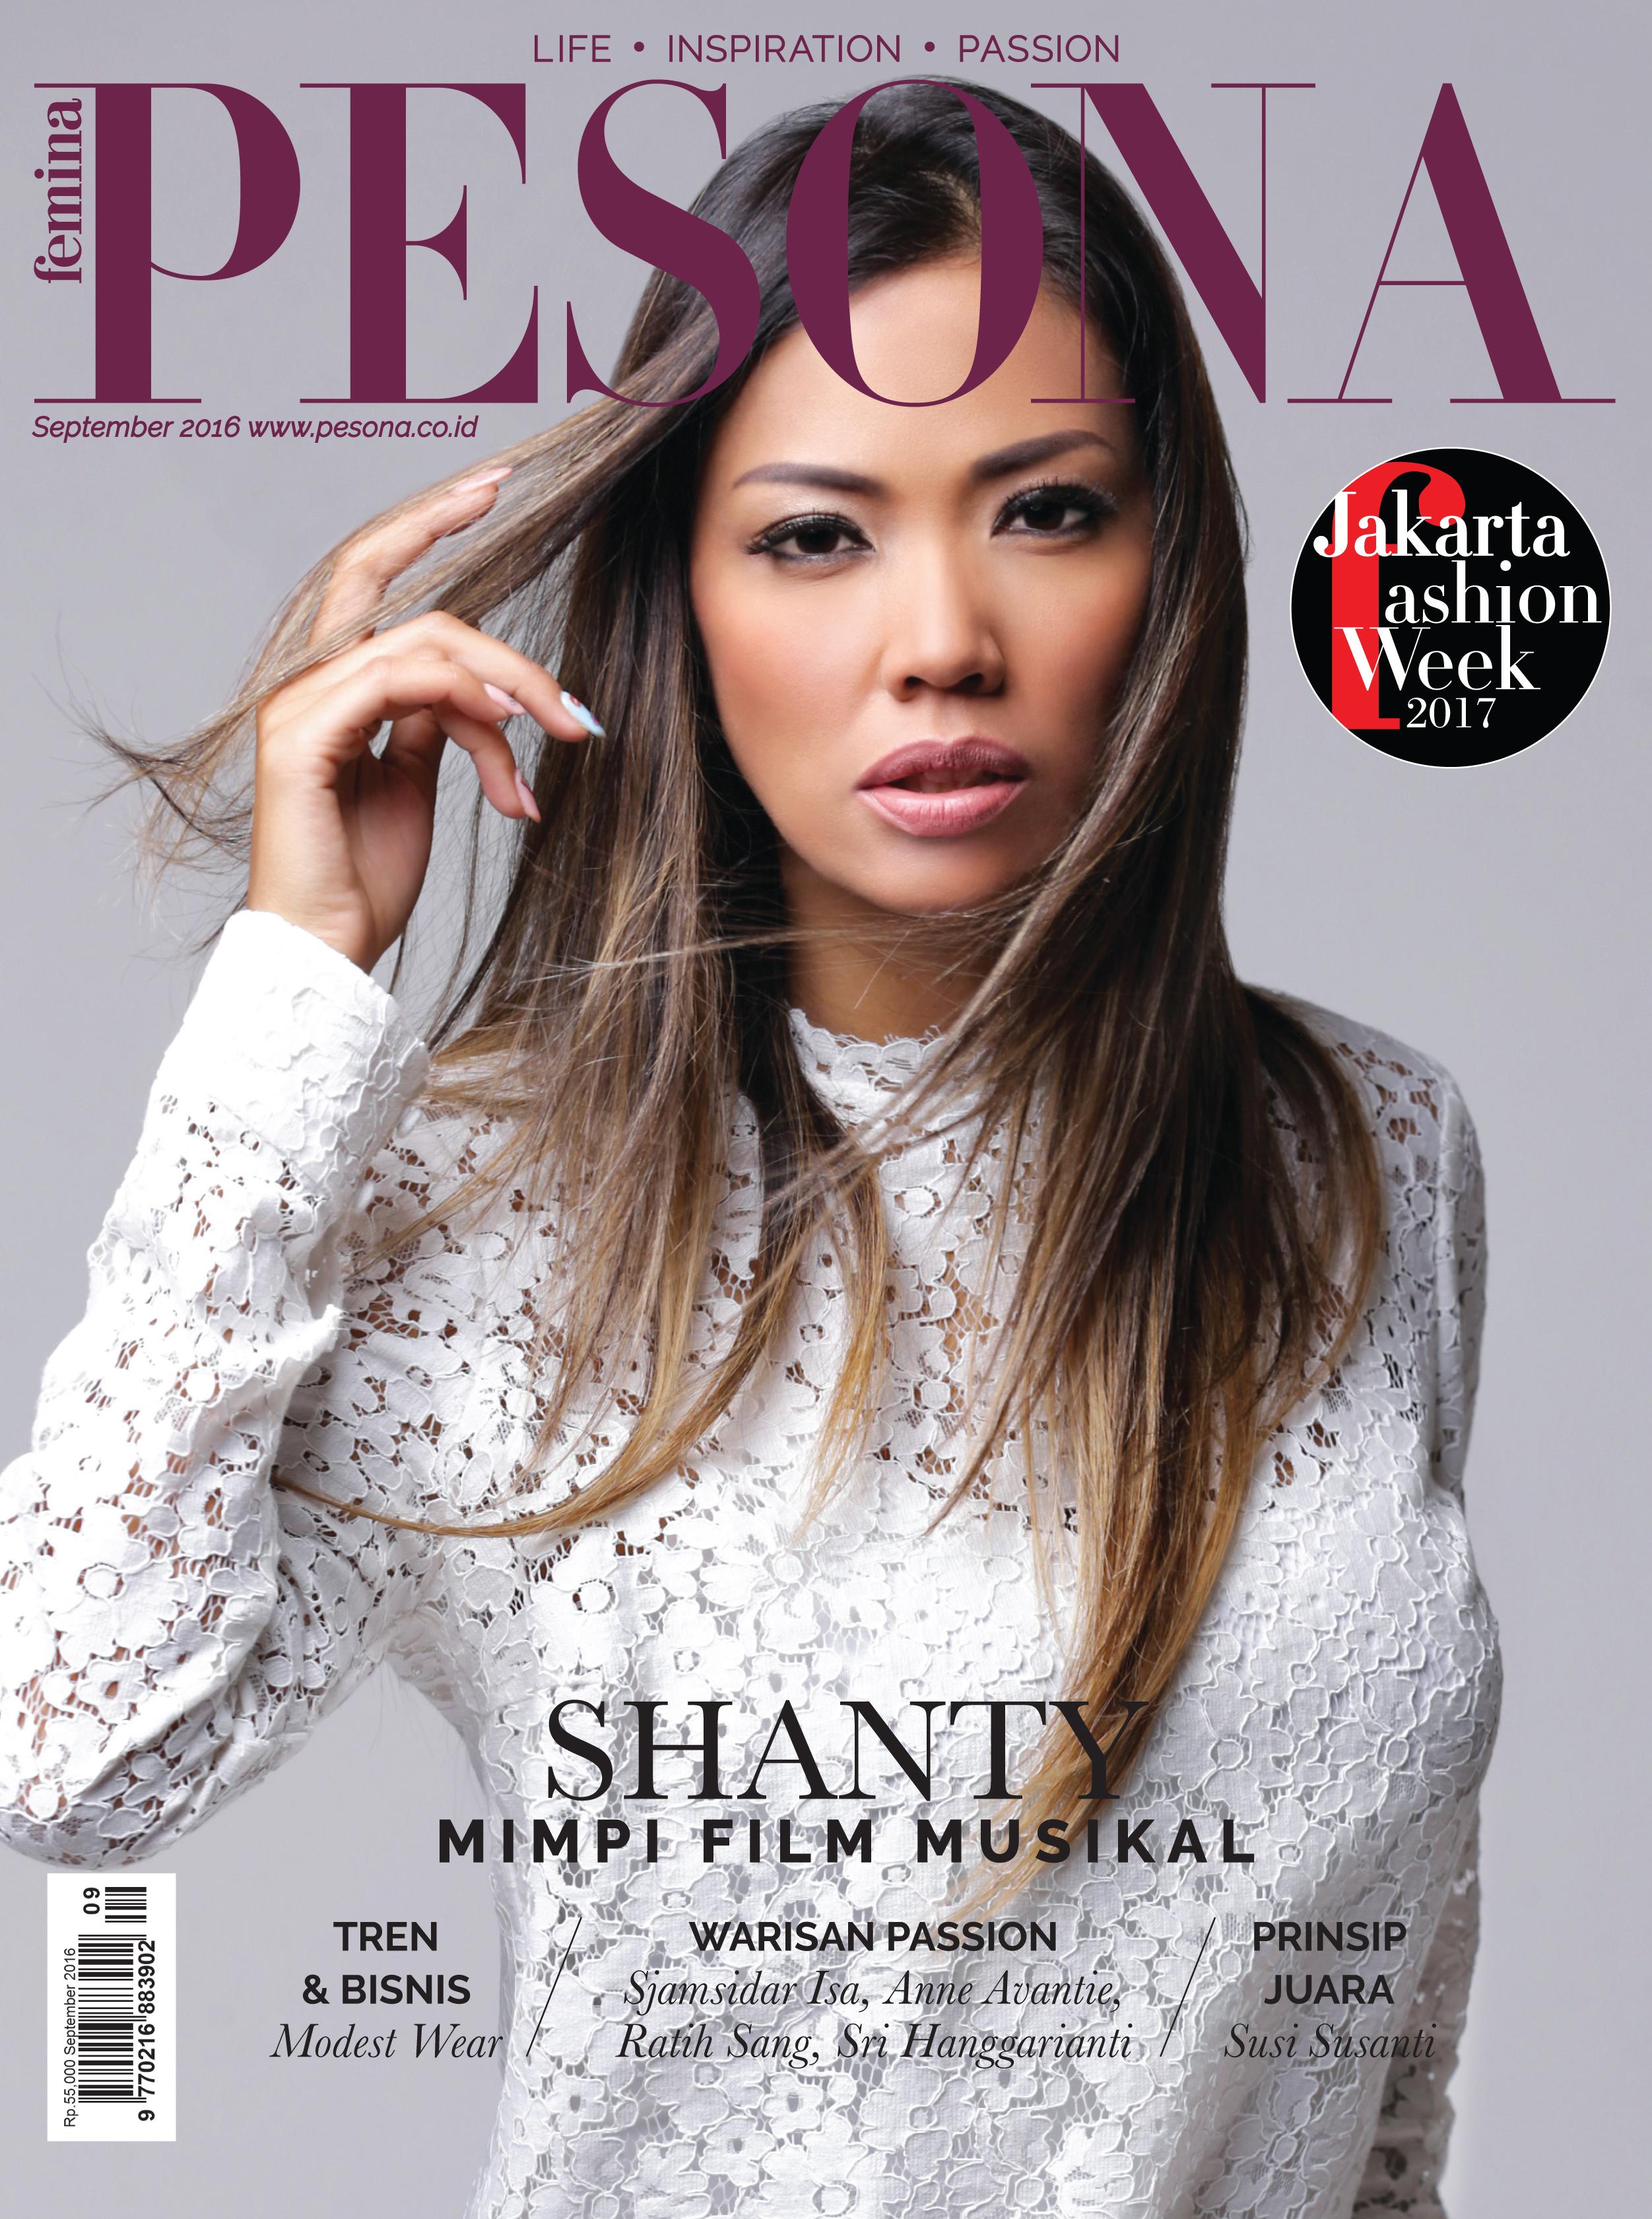 Majalah Pesona edisi September 2016